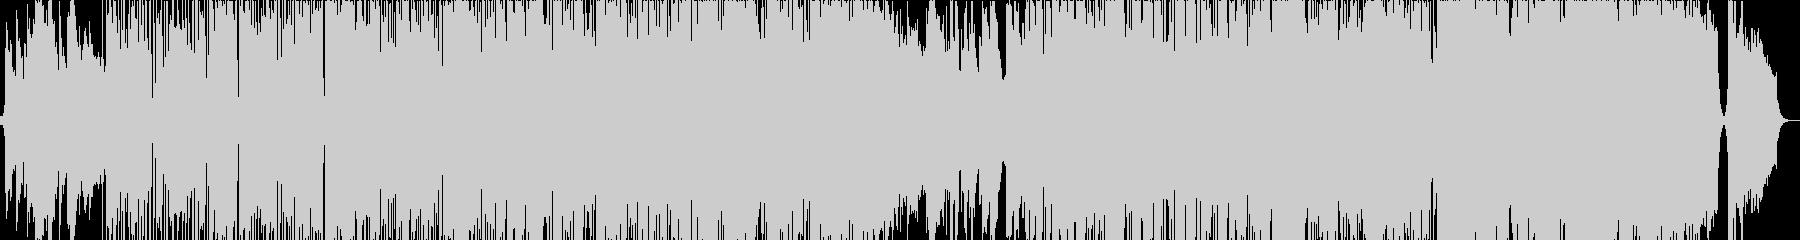 カフェミュージック:サックス Mix-Bの未再生の波形